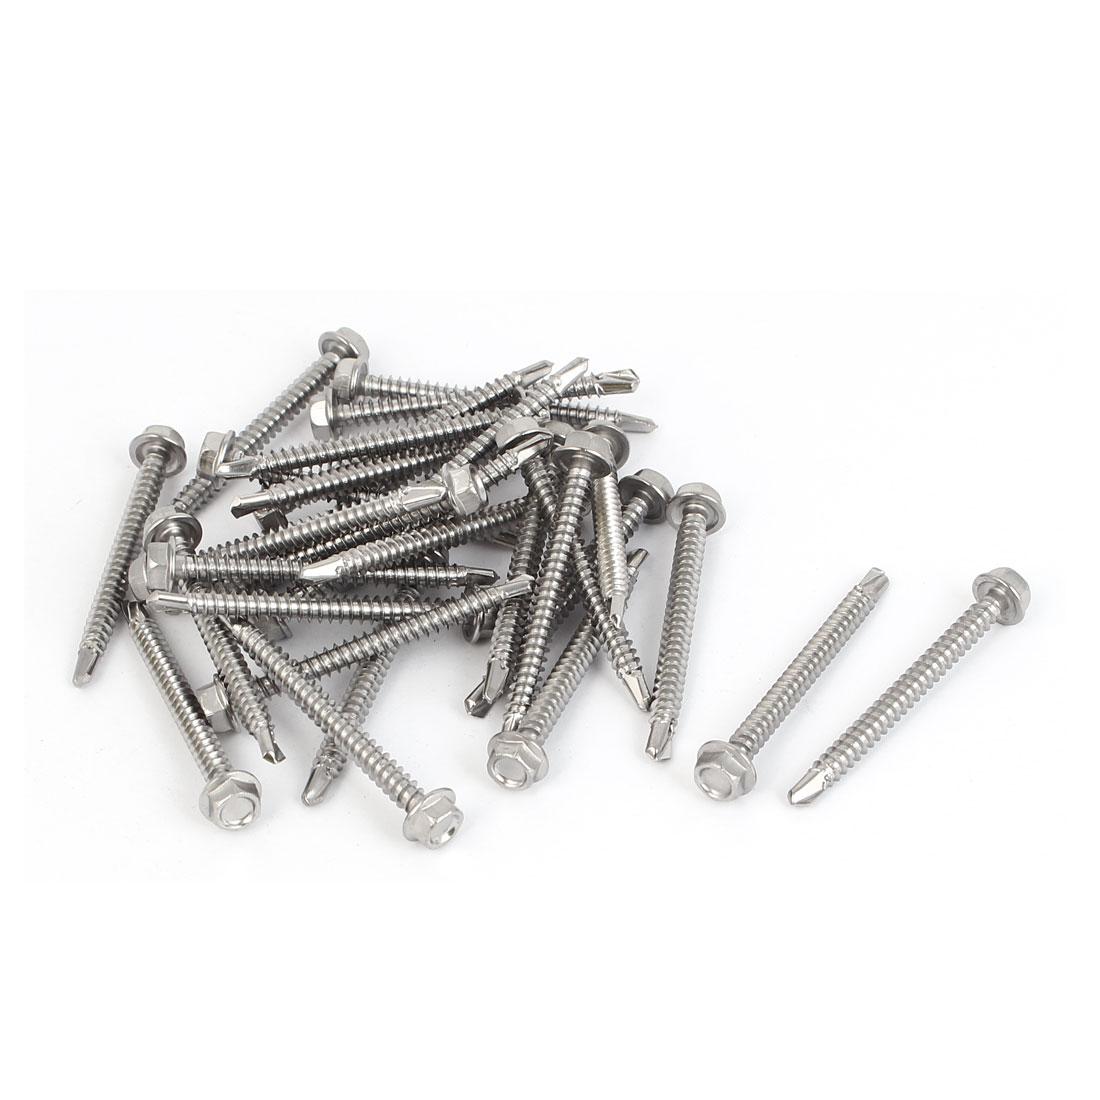 M4.2 x 45mm #8-18 Male Thread Hex Washer Head Self Drilling Tek Screws 30 Pcs